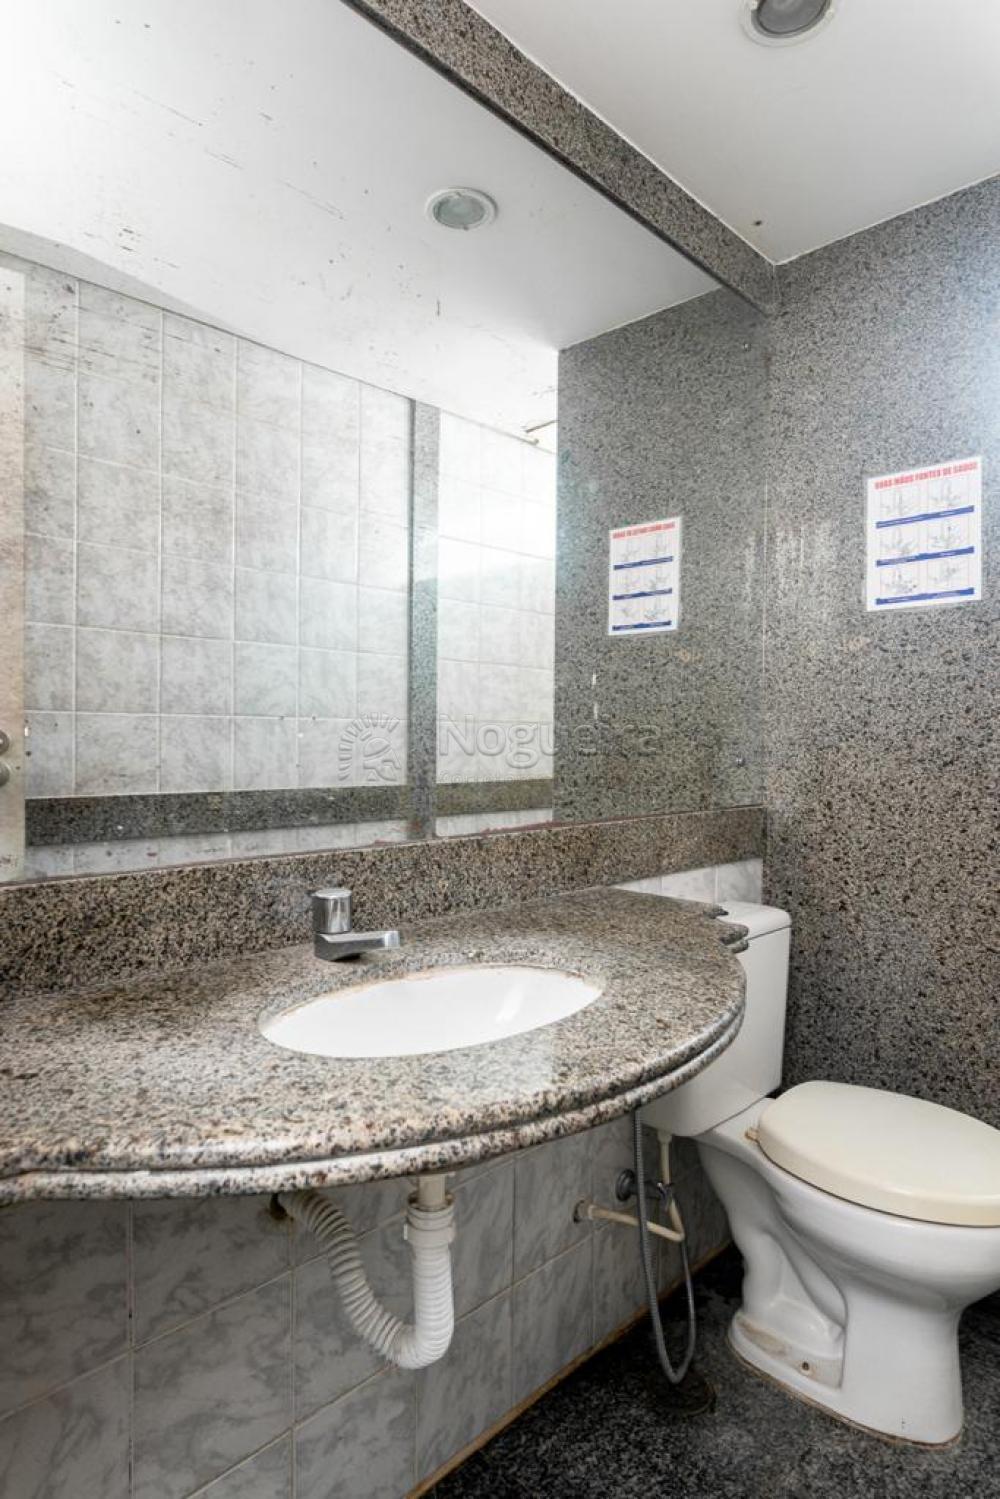 Excelente ponto comercial, muito bem localizado no bairro da Ilha do Leite, com 432,75 m².  O imóvel possui terraço em L, com portas e vidraças em vidro temperado, sala para recepção, 3 salas com birô e pia, sala grande com prateleiras, 6 saletas,  2 cozinhas, 4 banheiros, salão de fundo com banheiro, 1 lavanderia, 1 sala de almoxarifado.   Ponto possui cisterna e duas caixas d'águas.   Área total 676,58 m²